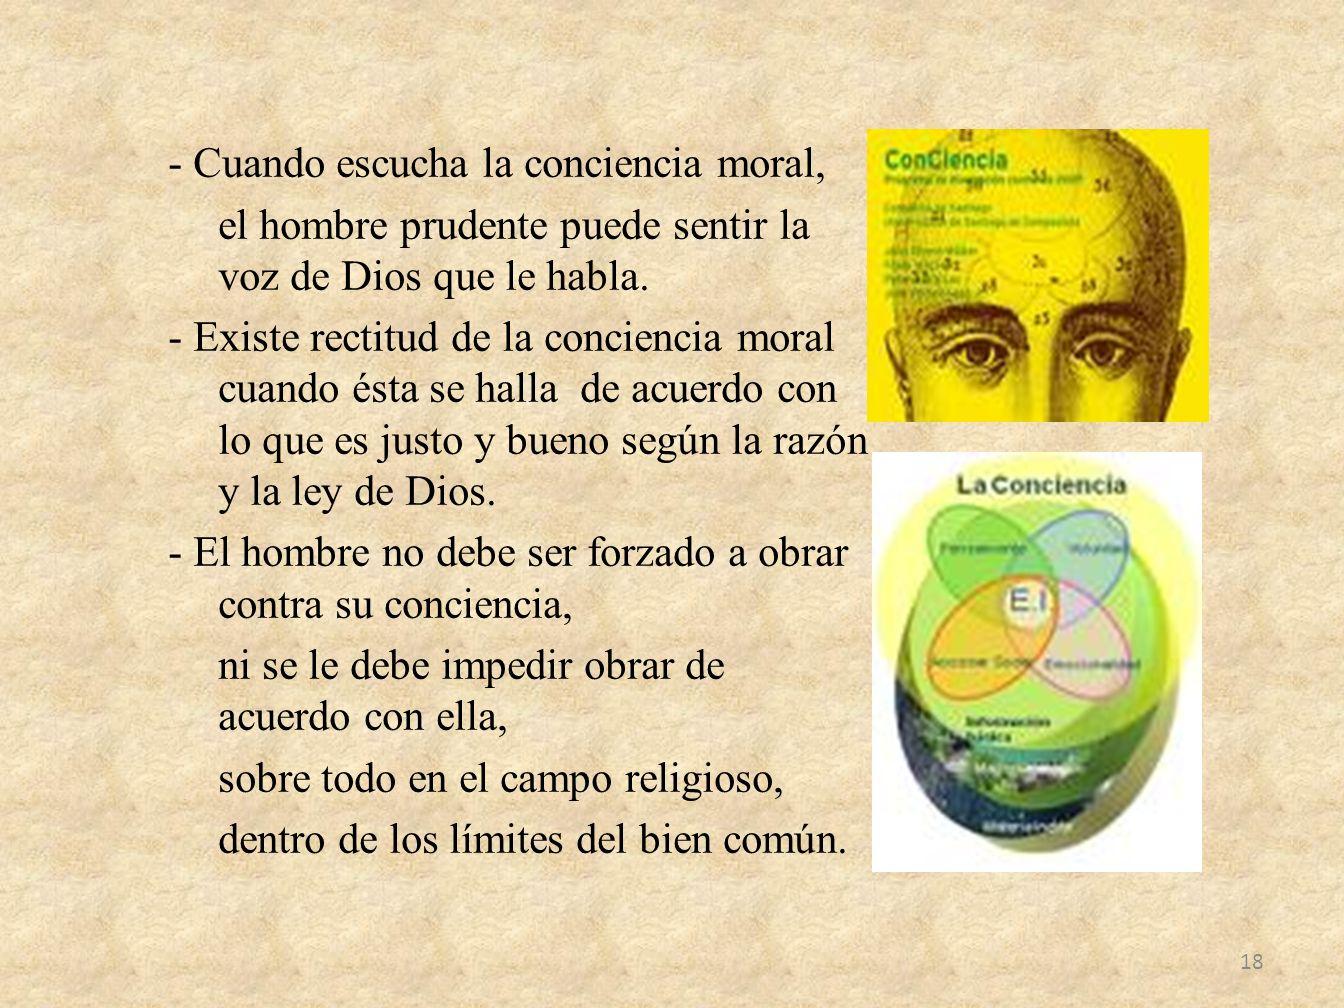 - Cuando escucha la conciencia moral, el hombre prudente puede sentir la voz de Dios que le habla. - Existe rectitud de la conciencia moral cuando ést